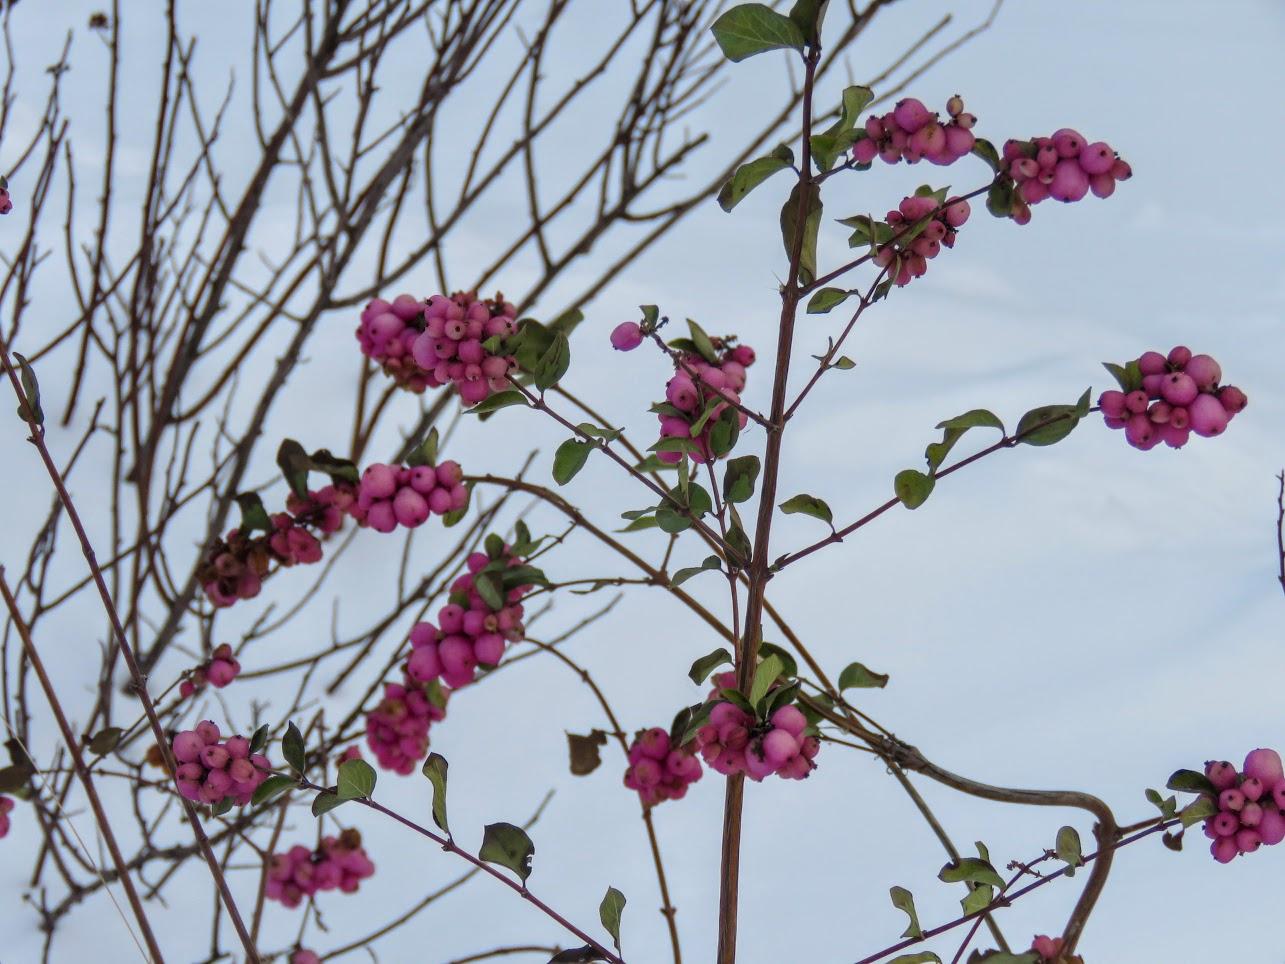 Розовый снежноягодник, снегири и другие прелести дня. Мой Мурыч с утра) IMG 2533